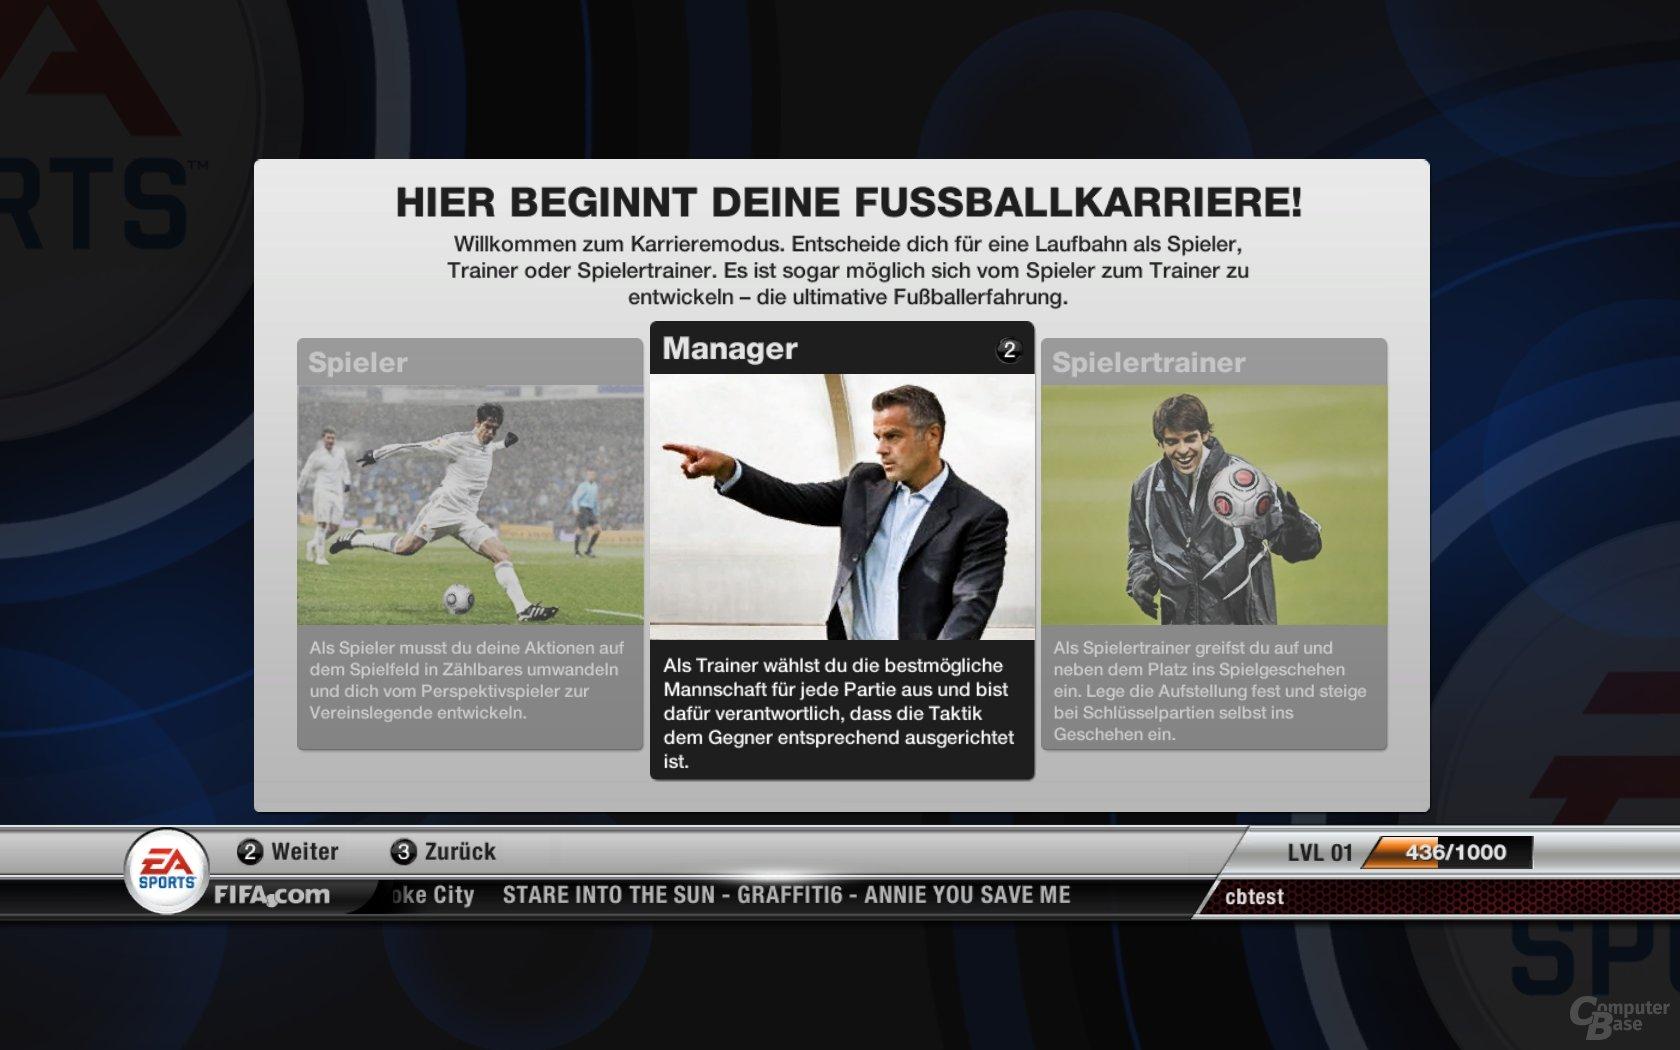 FIFA 12 – Karrieremodus